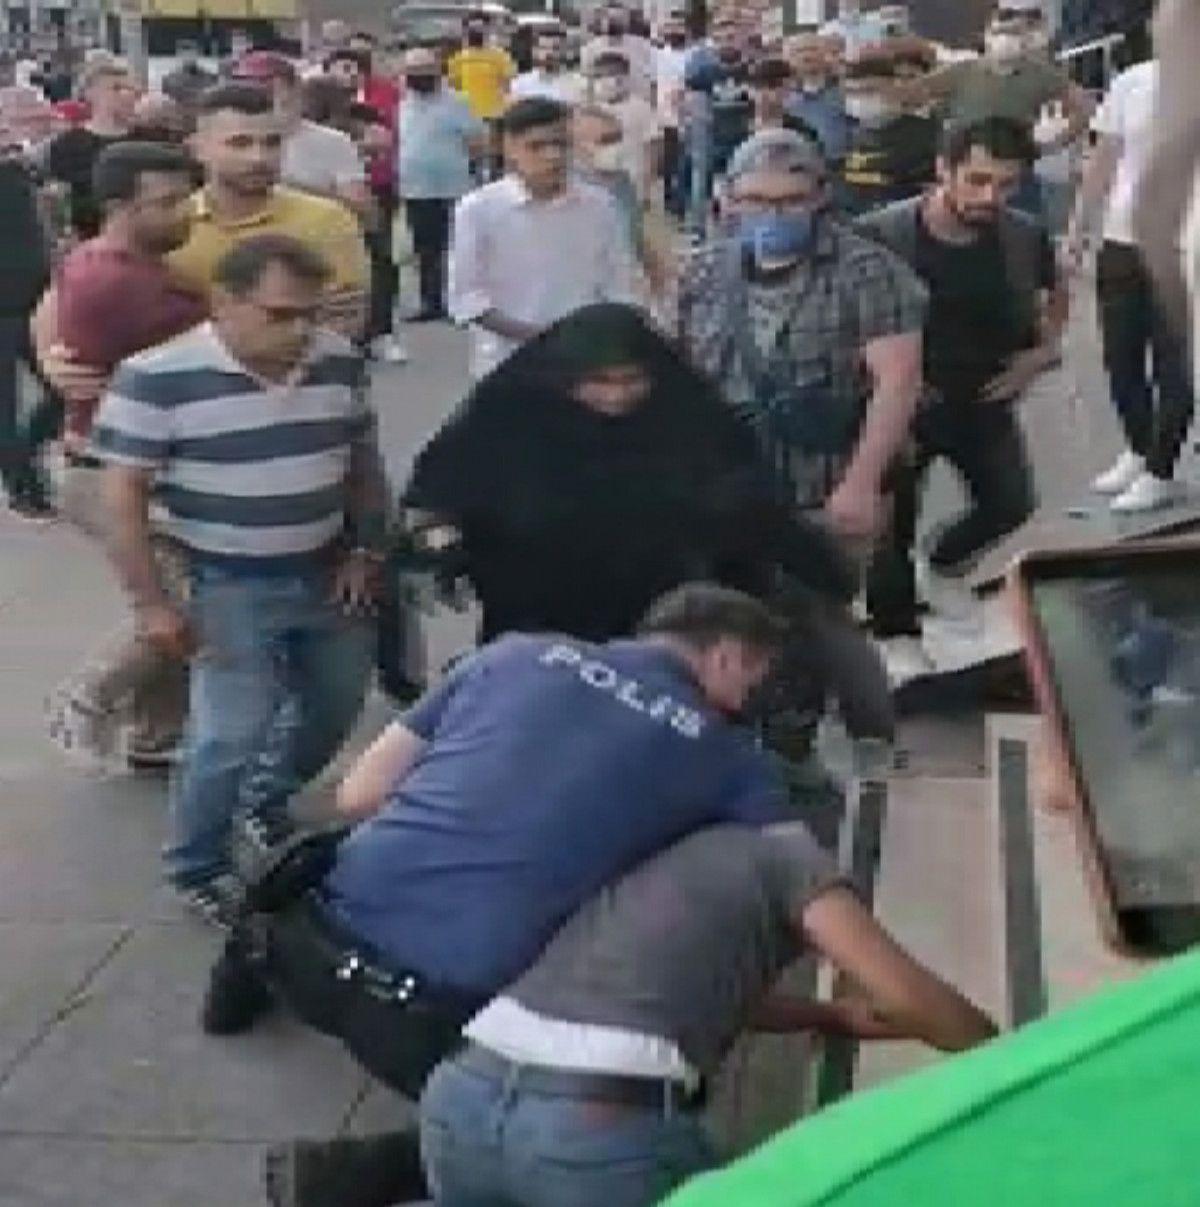 Sultangazi de kız kaçırma iddiası mahalleyi karıştırdı #5